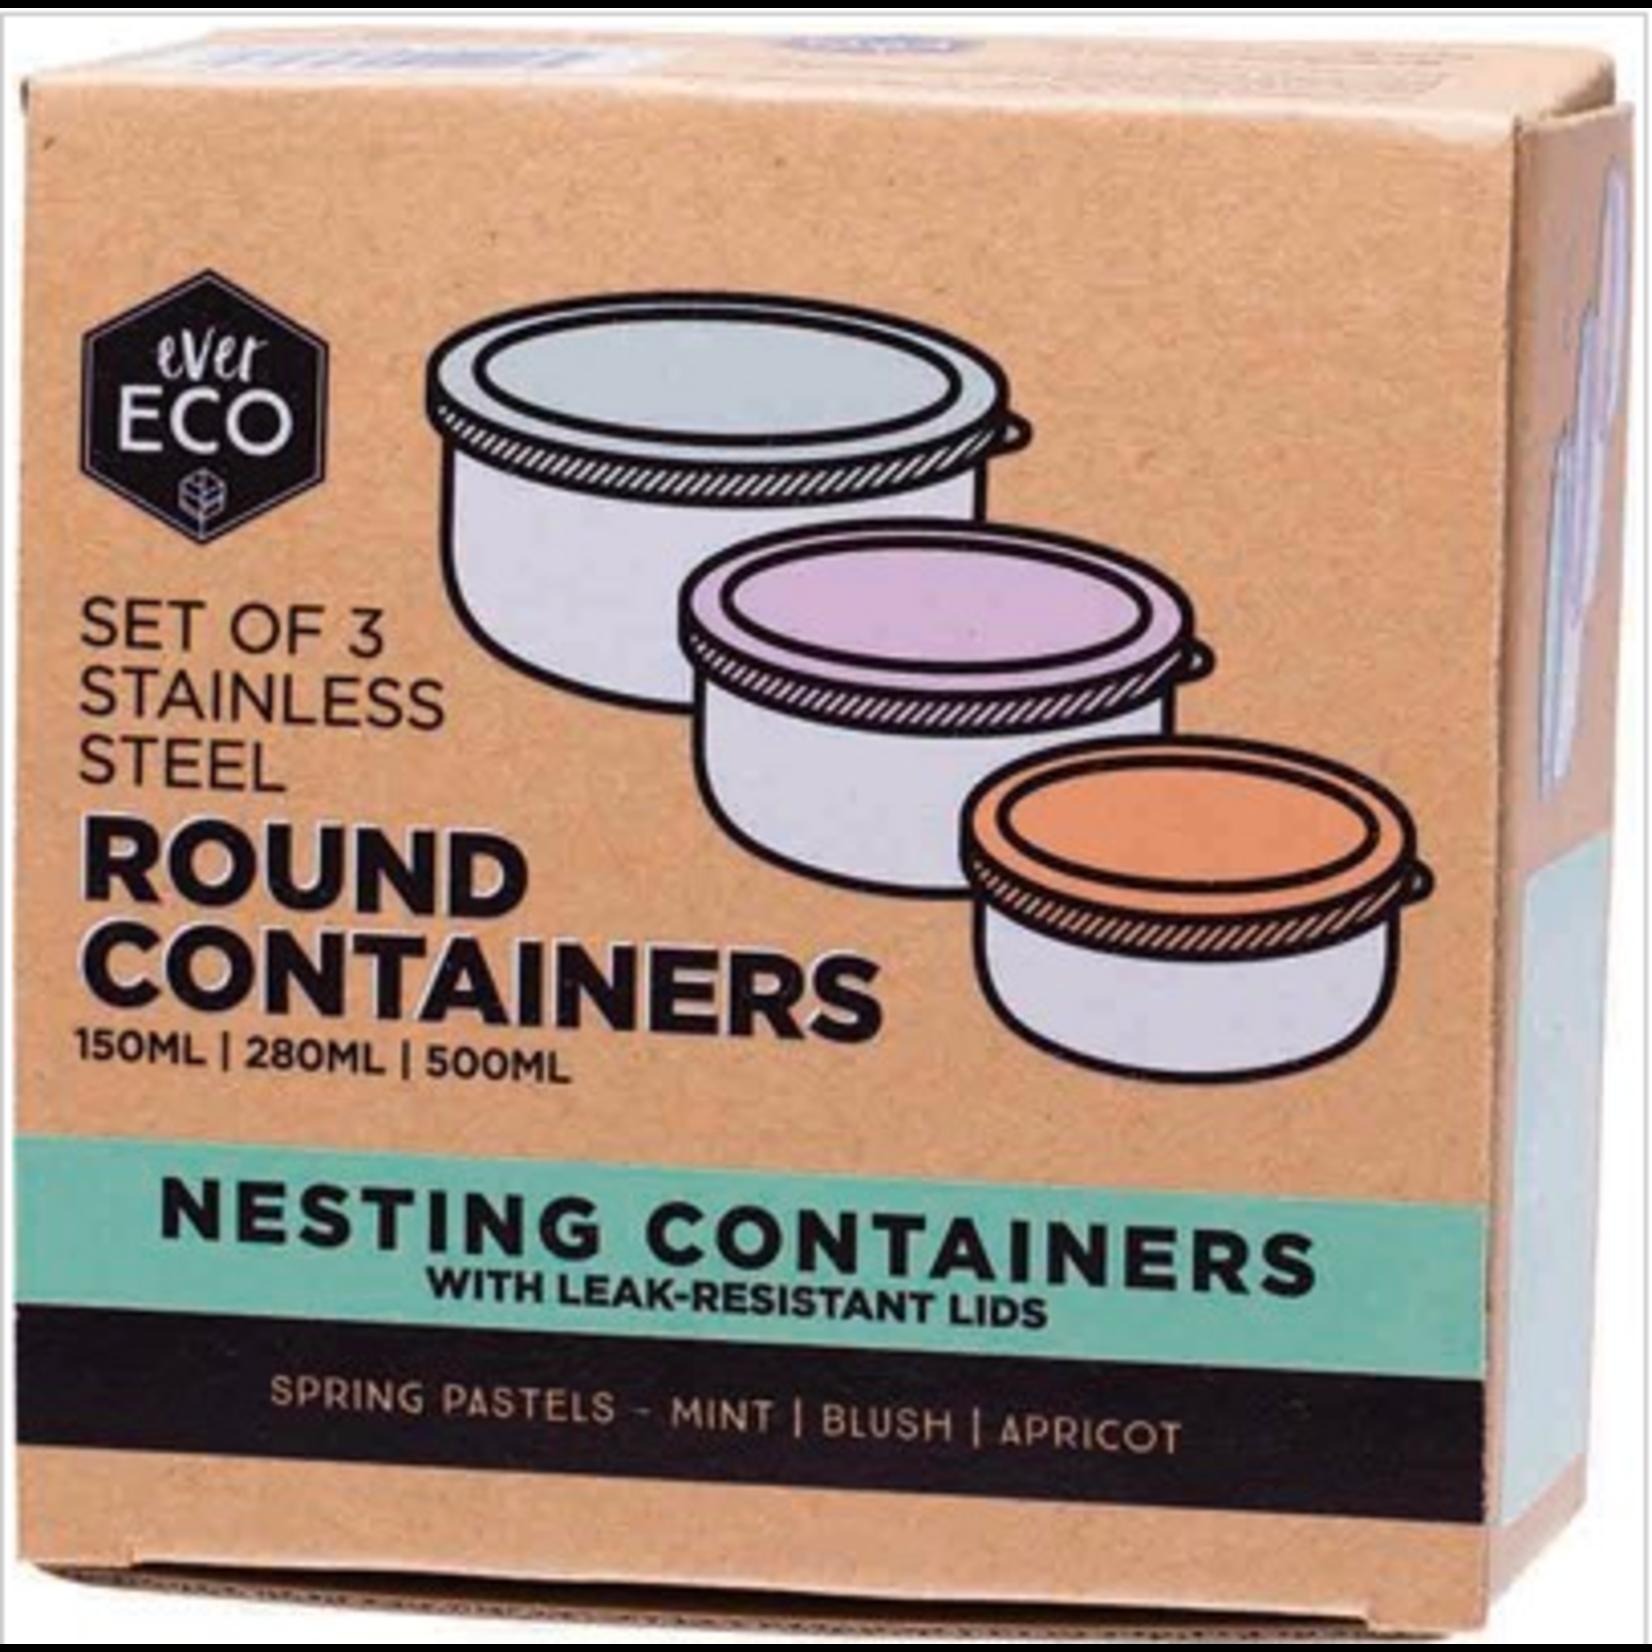 Ever Eco Ever Eco Round Containers 3pk - Spring